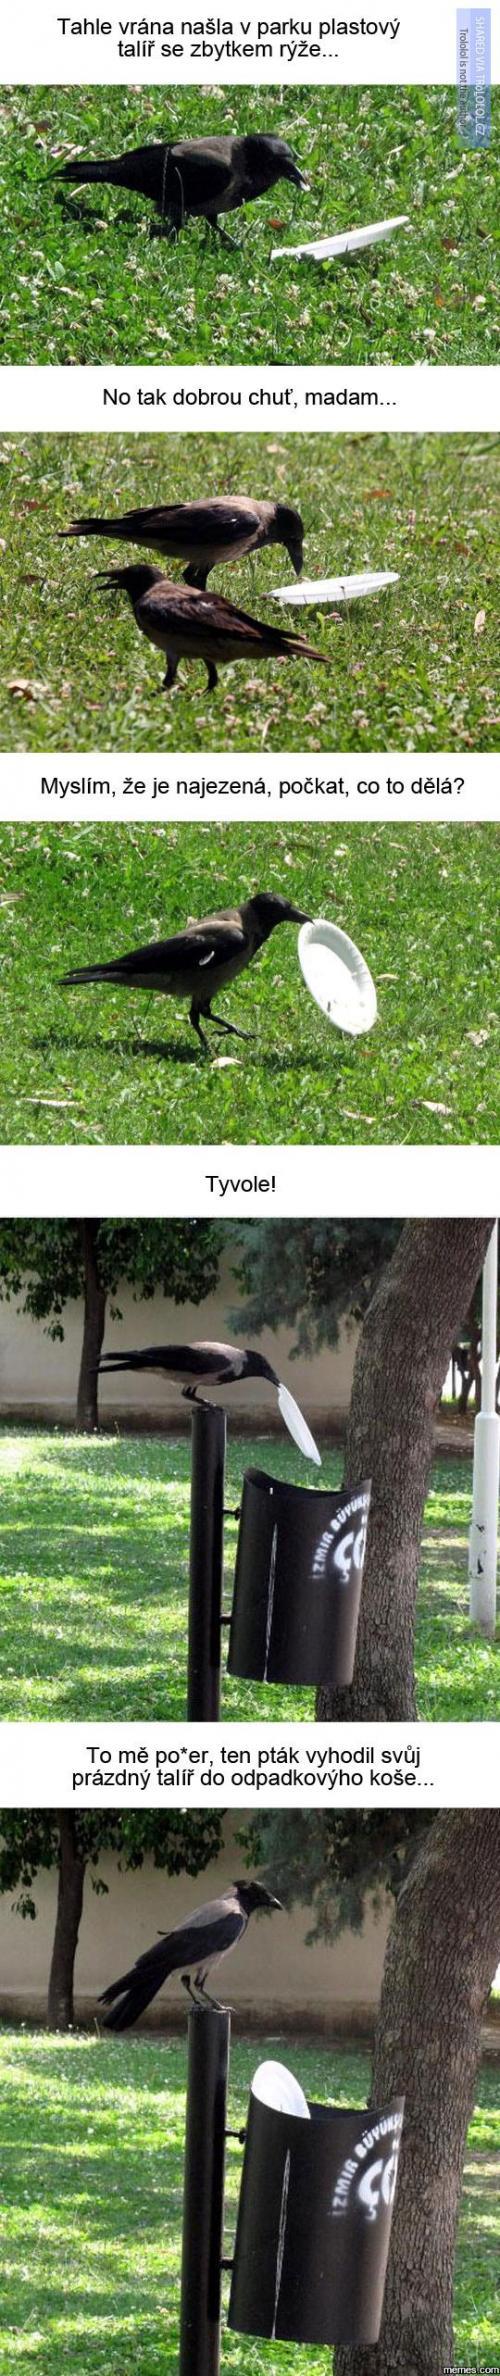 A pak že jsou ptáci blbí!